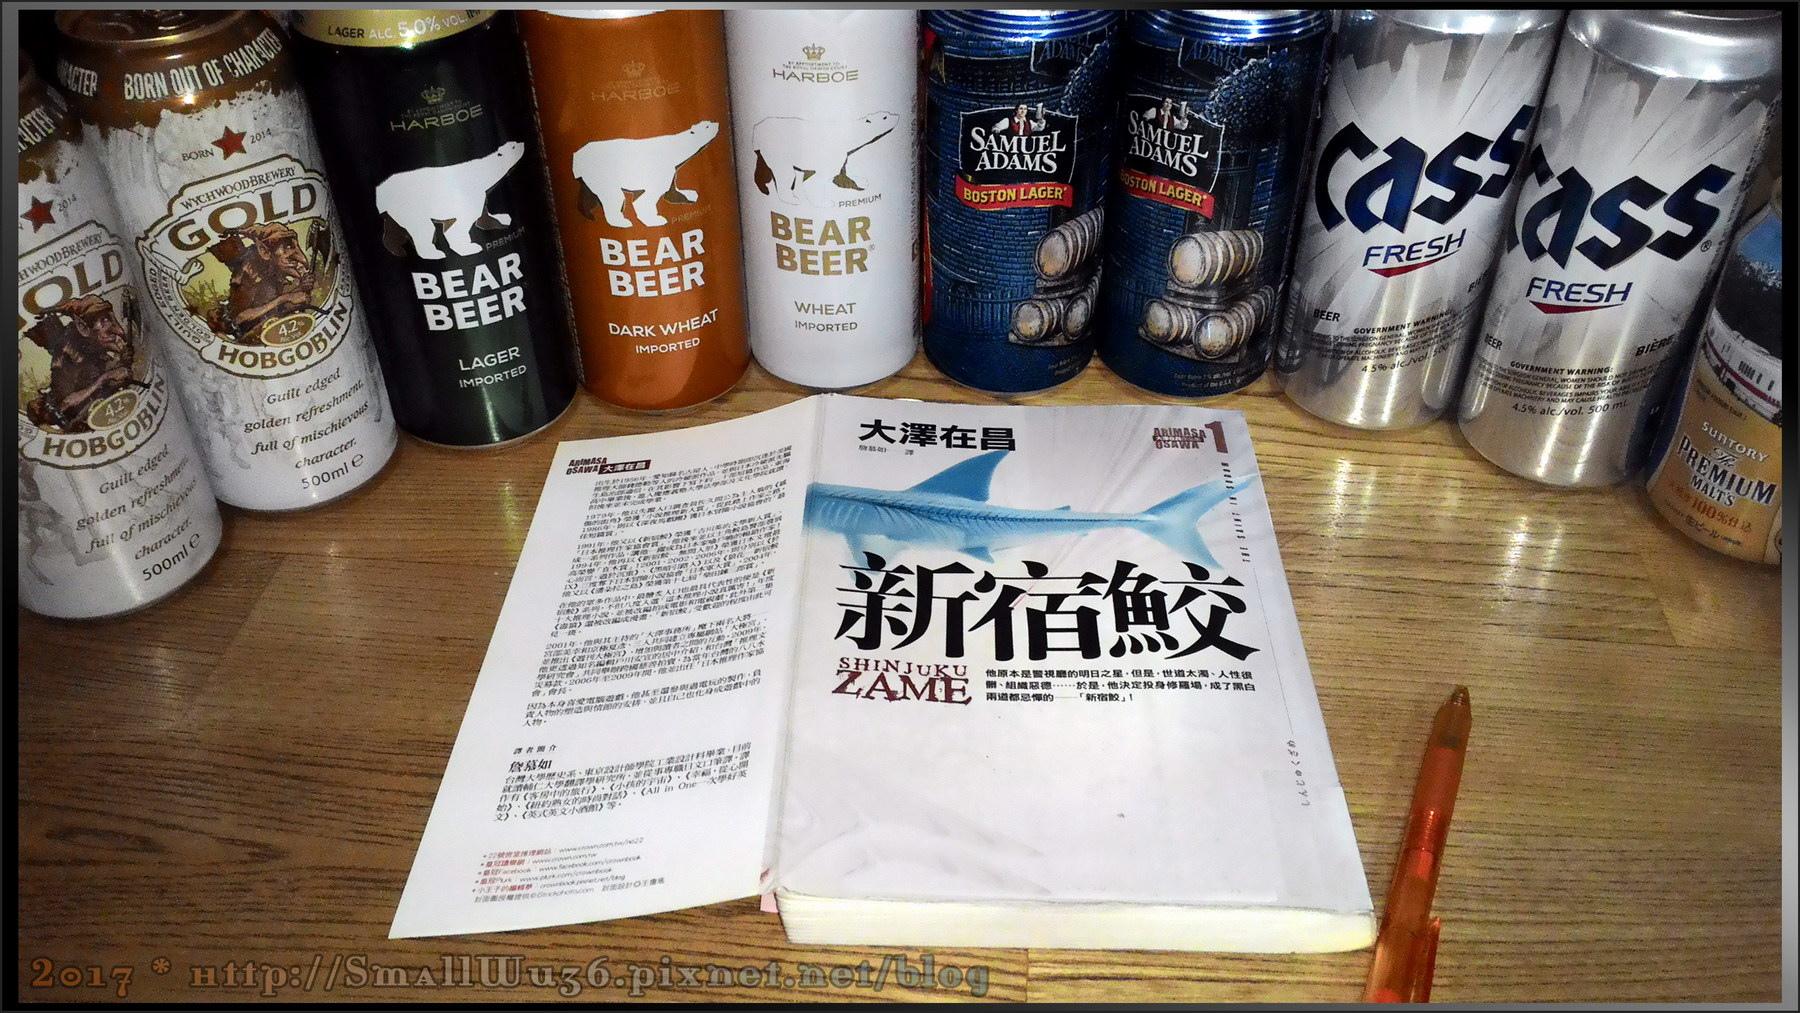 [小說感想] 大澤在昌(大沢在昌)《新宿鮫》(新宿鮫系列1),皇冠文化-001.jpg